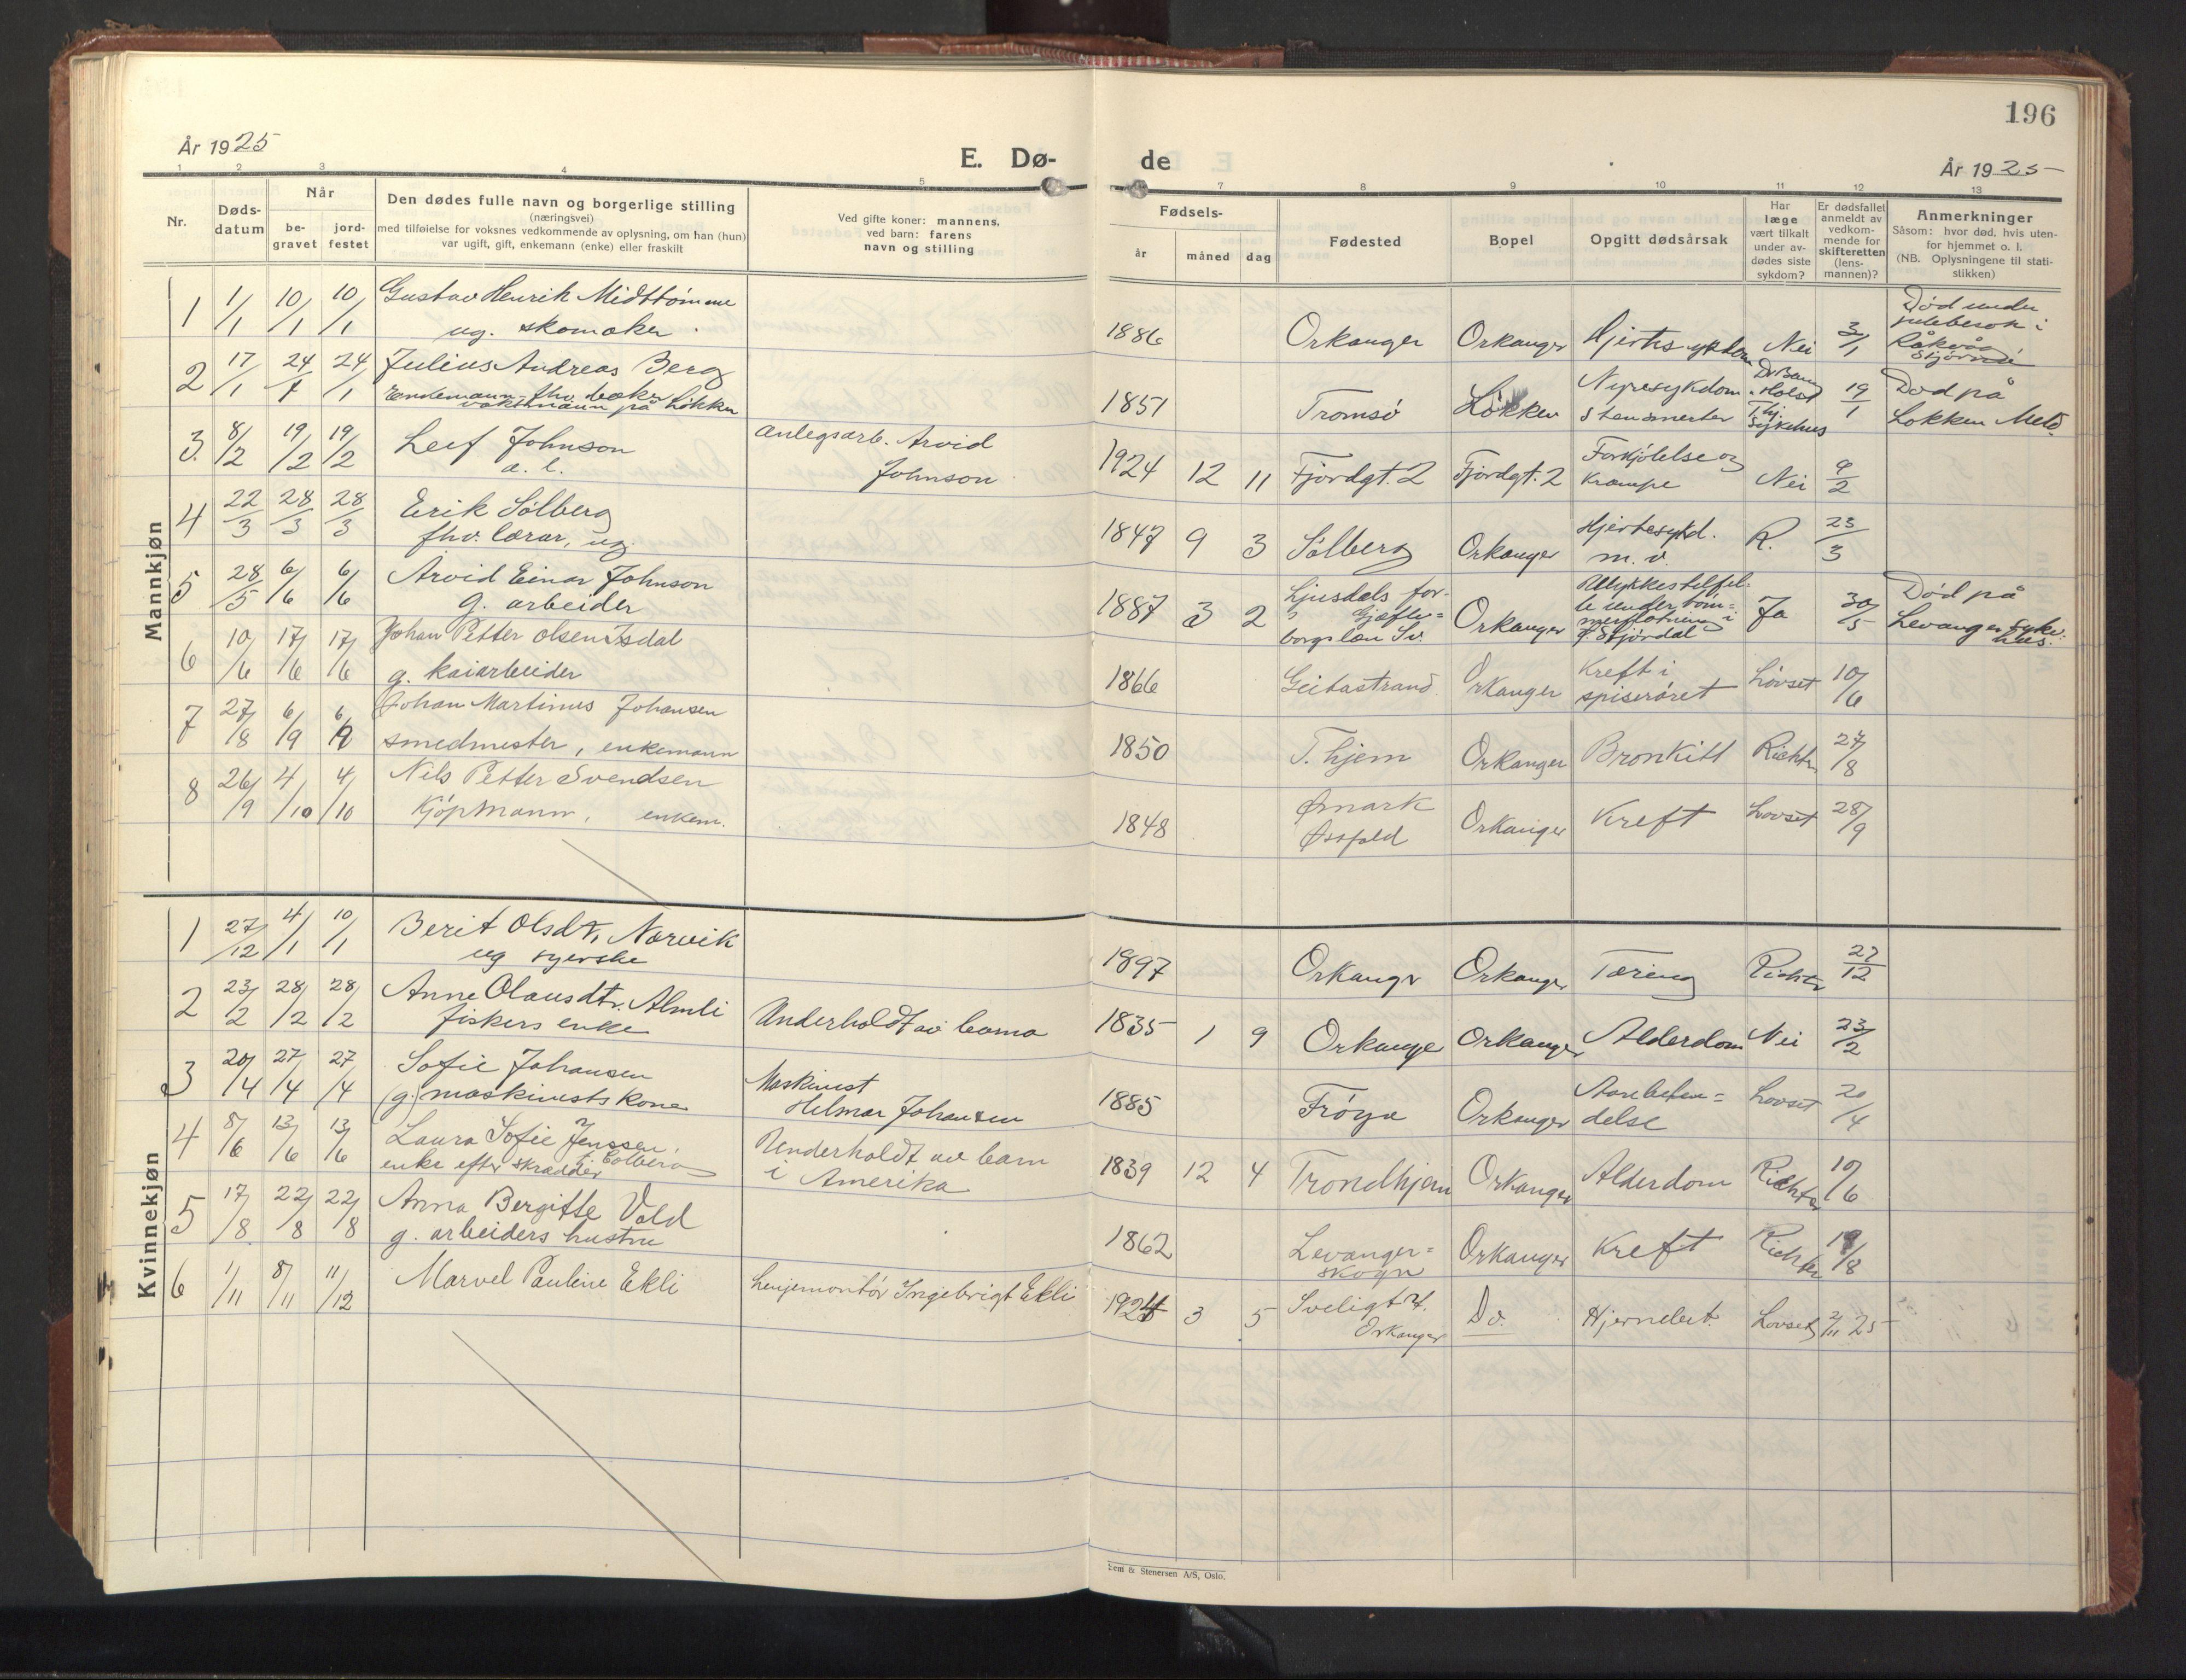 SAT, Ministerialprotokoller, klokkerbøker og fødselsregistre - Sør-Trøndelag, 669/L0832: Klokkerbok nr. 669C02, 1925-1953, s. 196